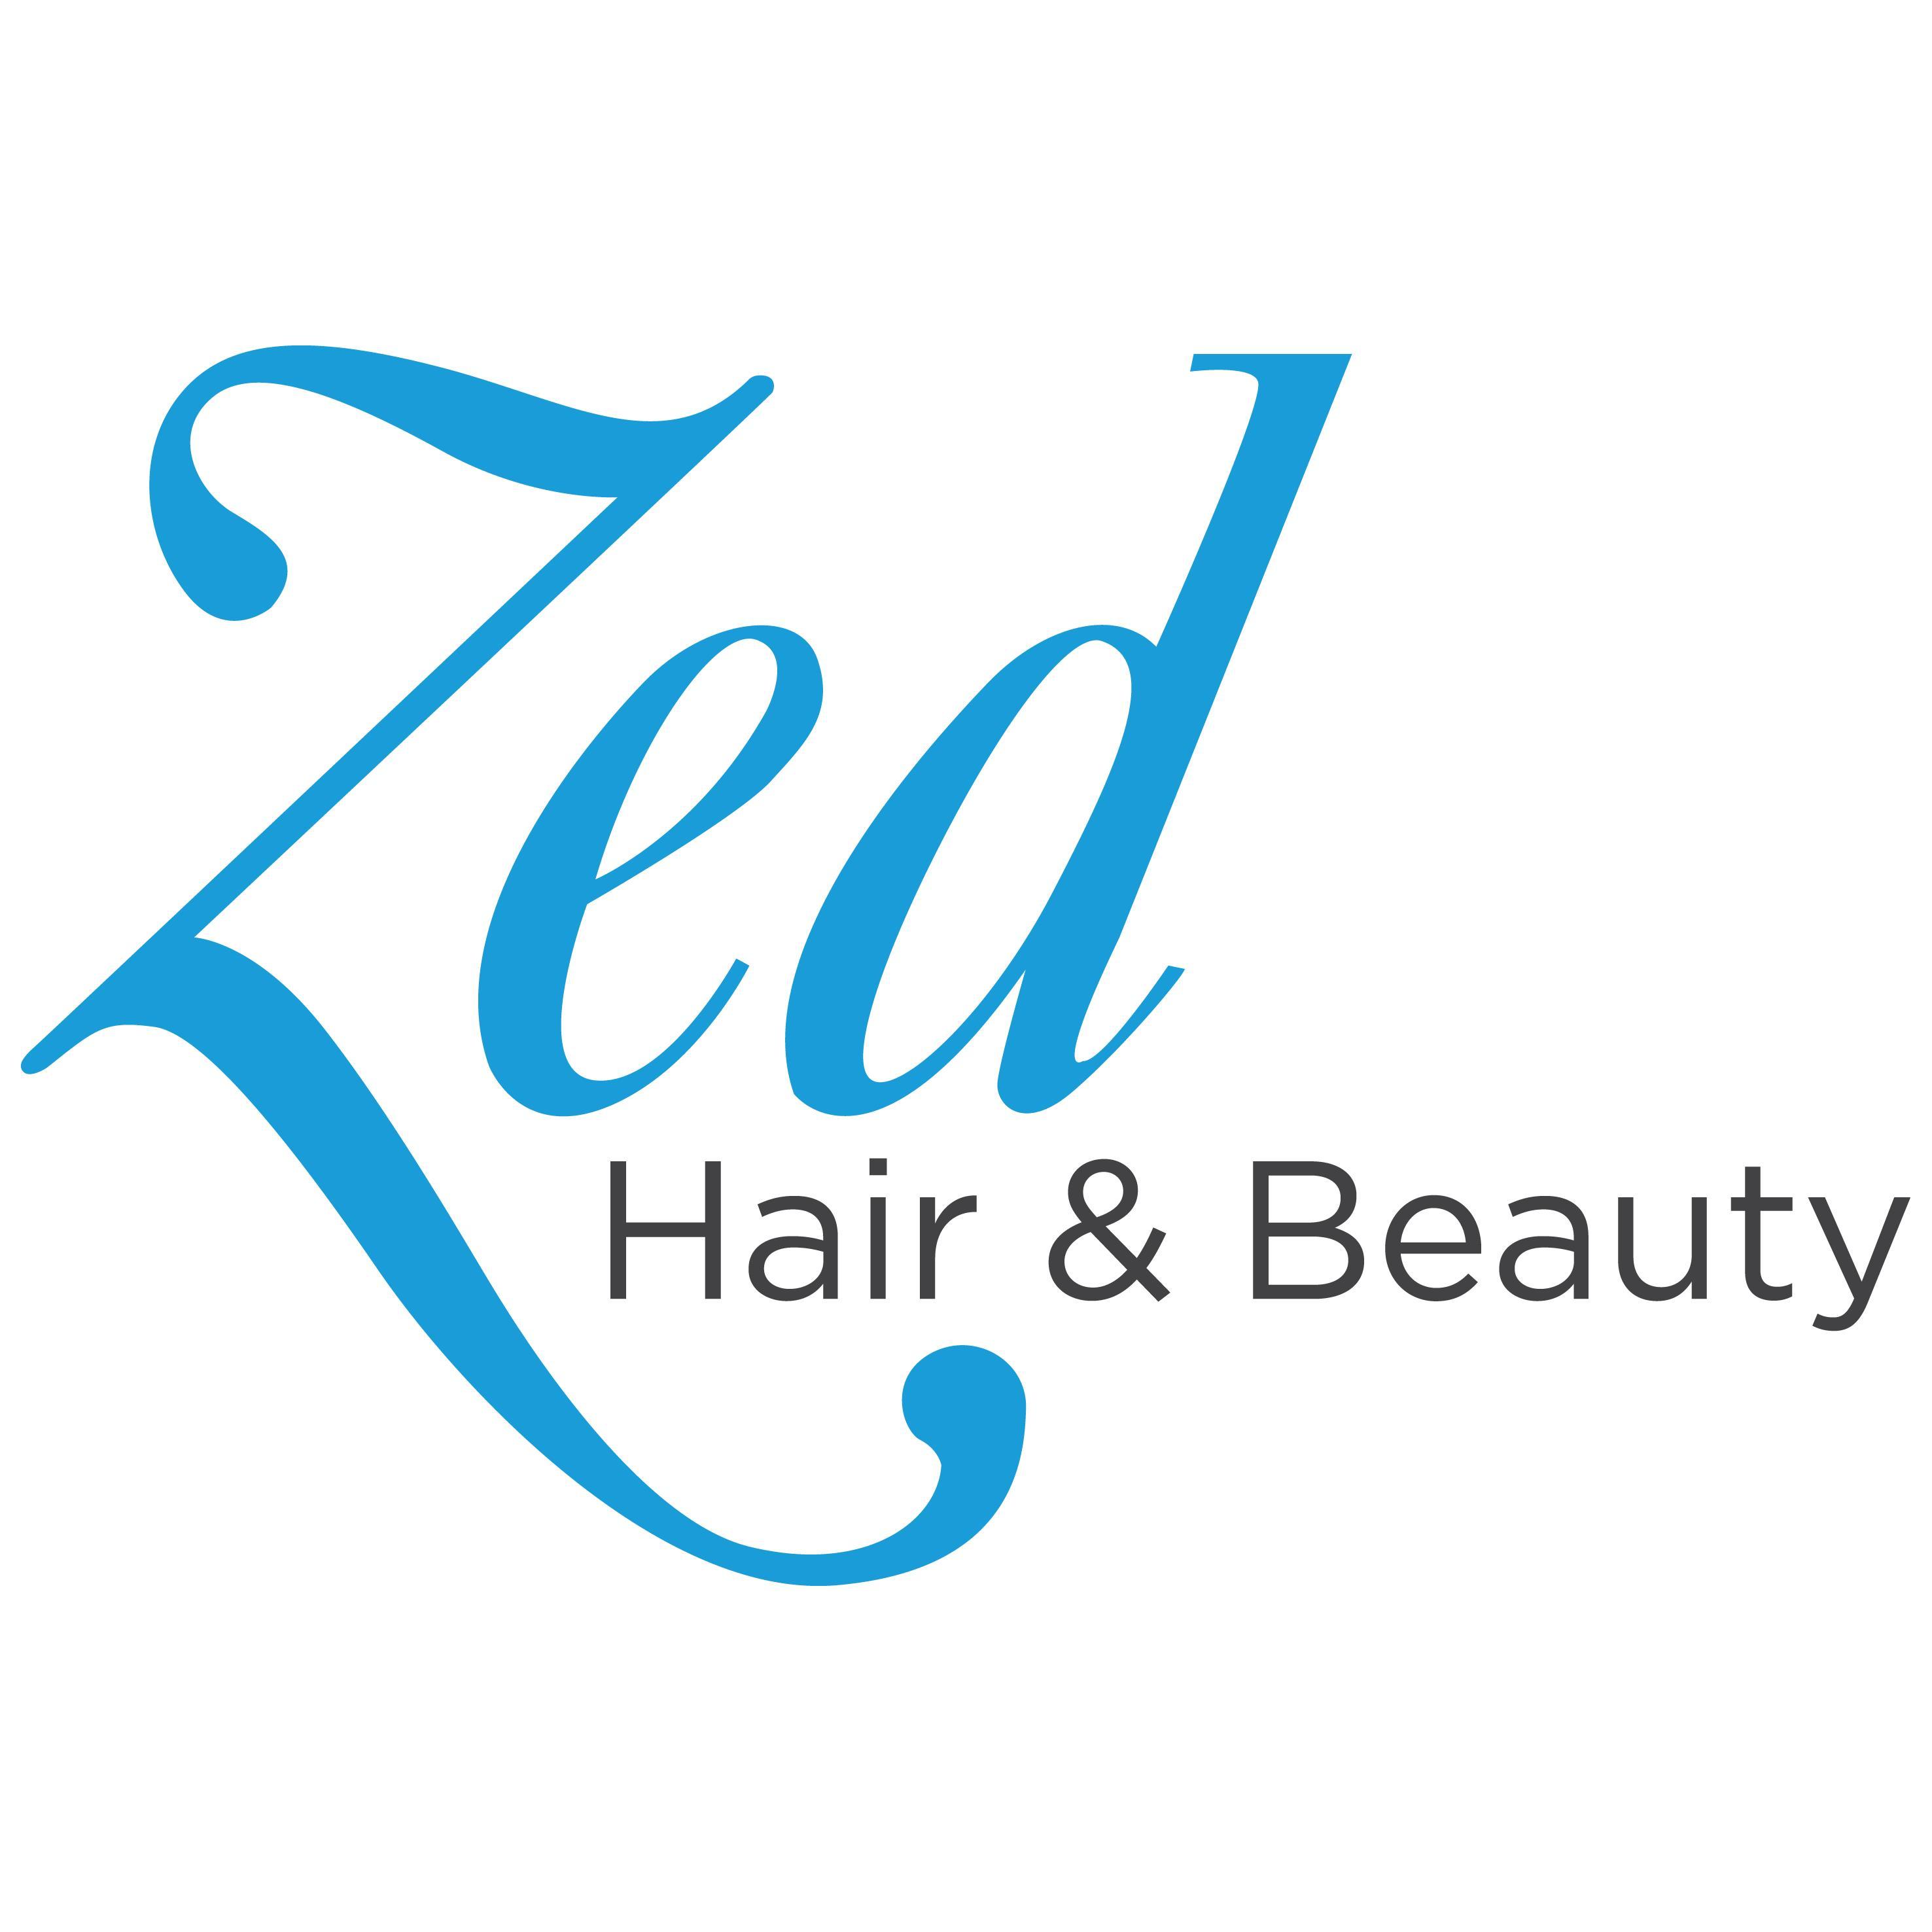 Zed Hair & Beauty